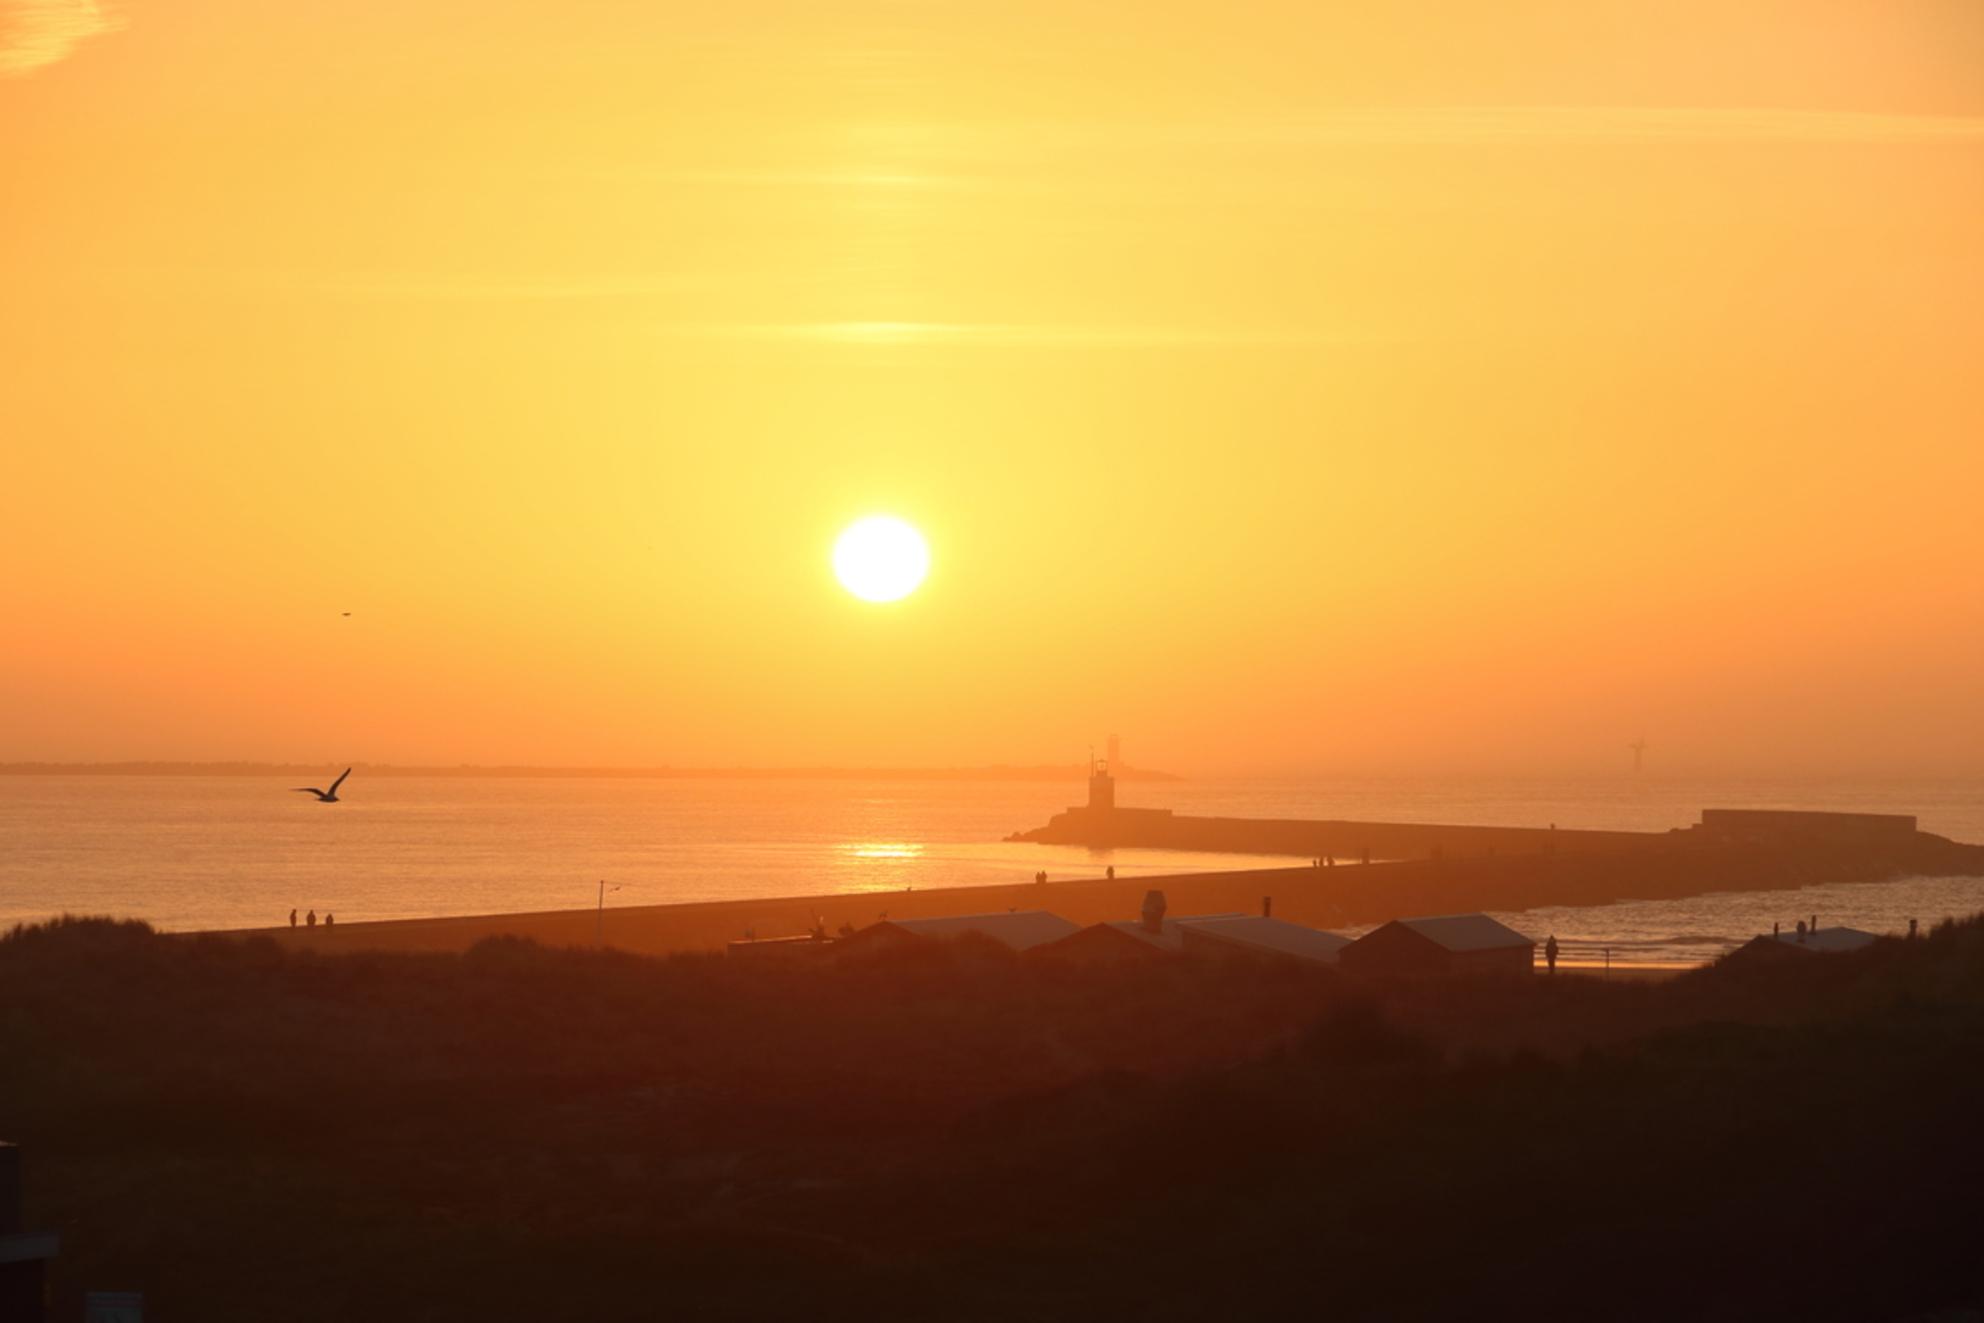 wijk aan zee in de avond 2 - Avond zon 2 - foto door Ton-pot op 27-02-2021 - Deze foto mag gebruikt worden in een Zoom.nl publicatie